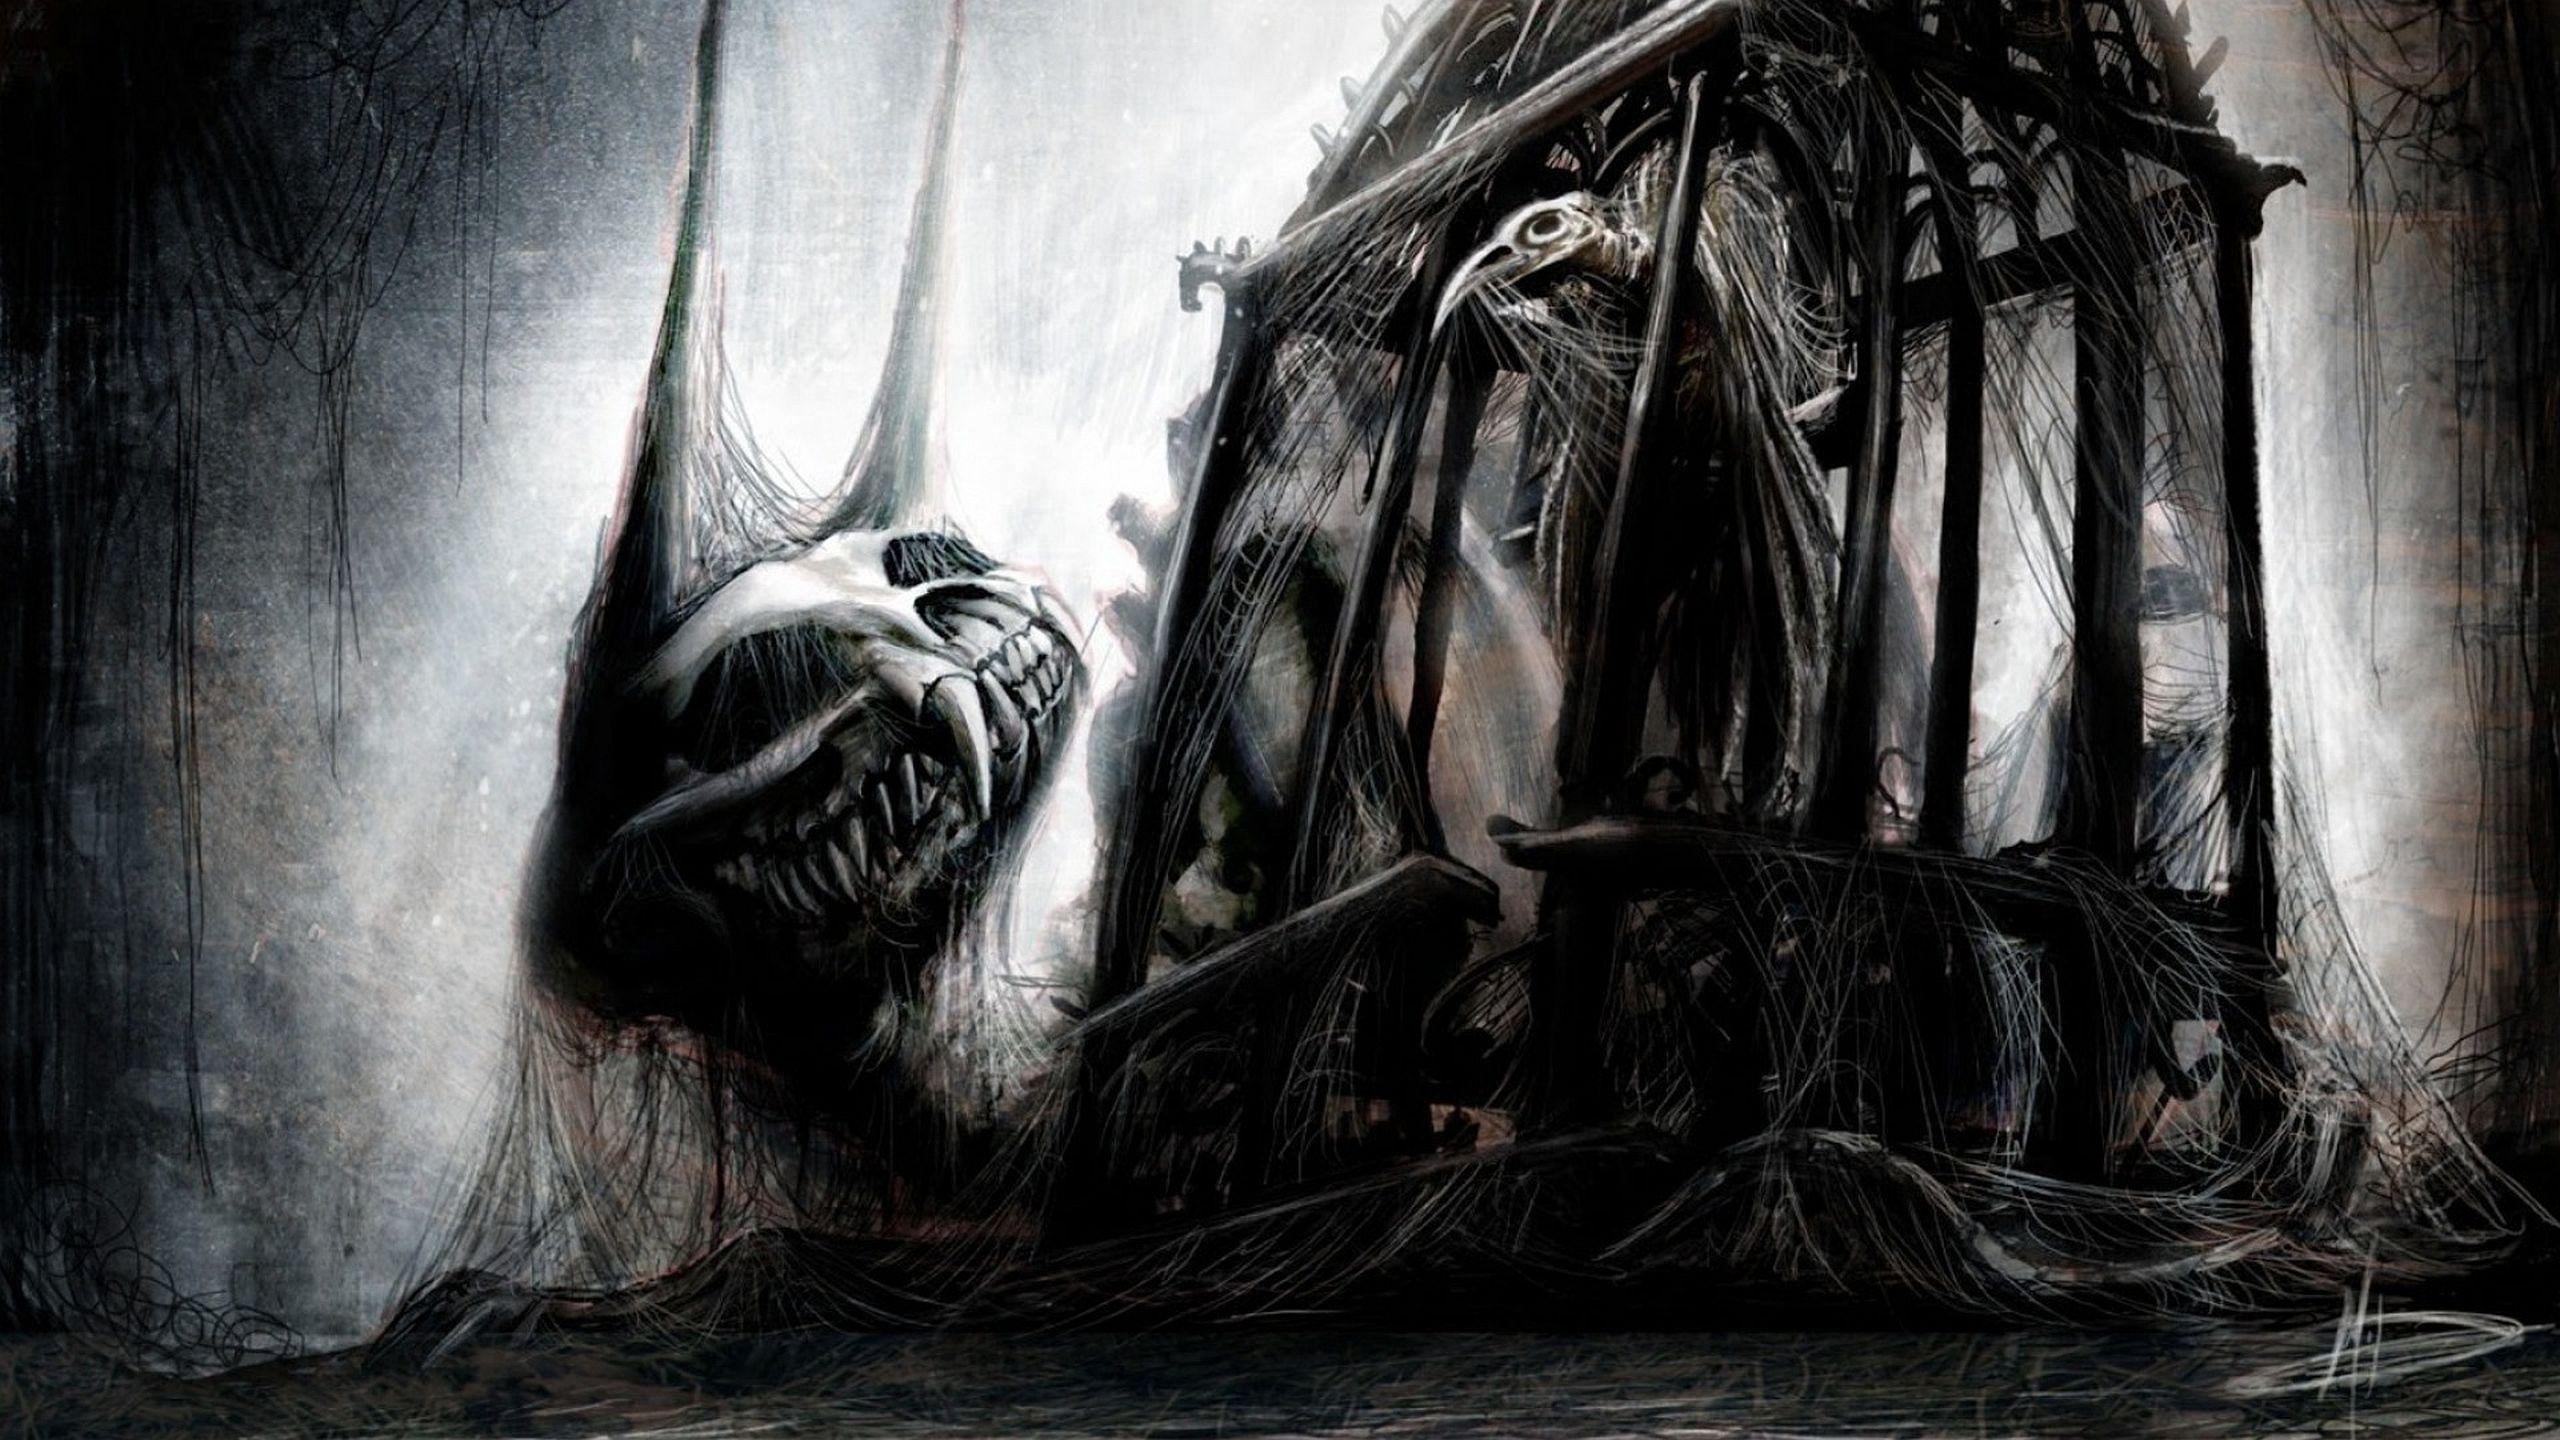 Creepy Wallpaper Dark Creepy Wallpaper Just what you